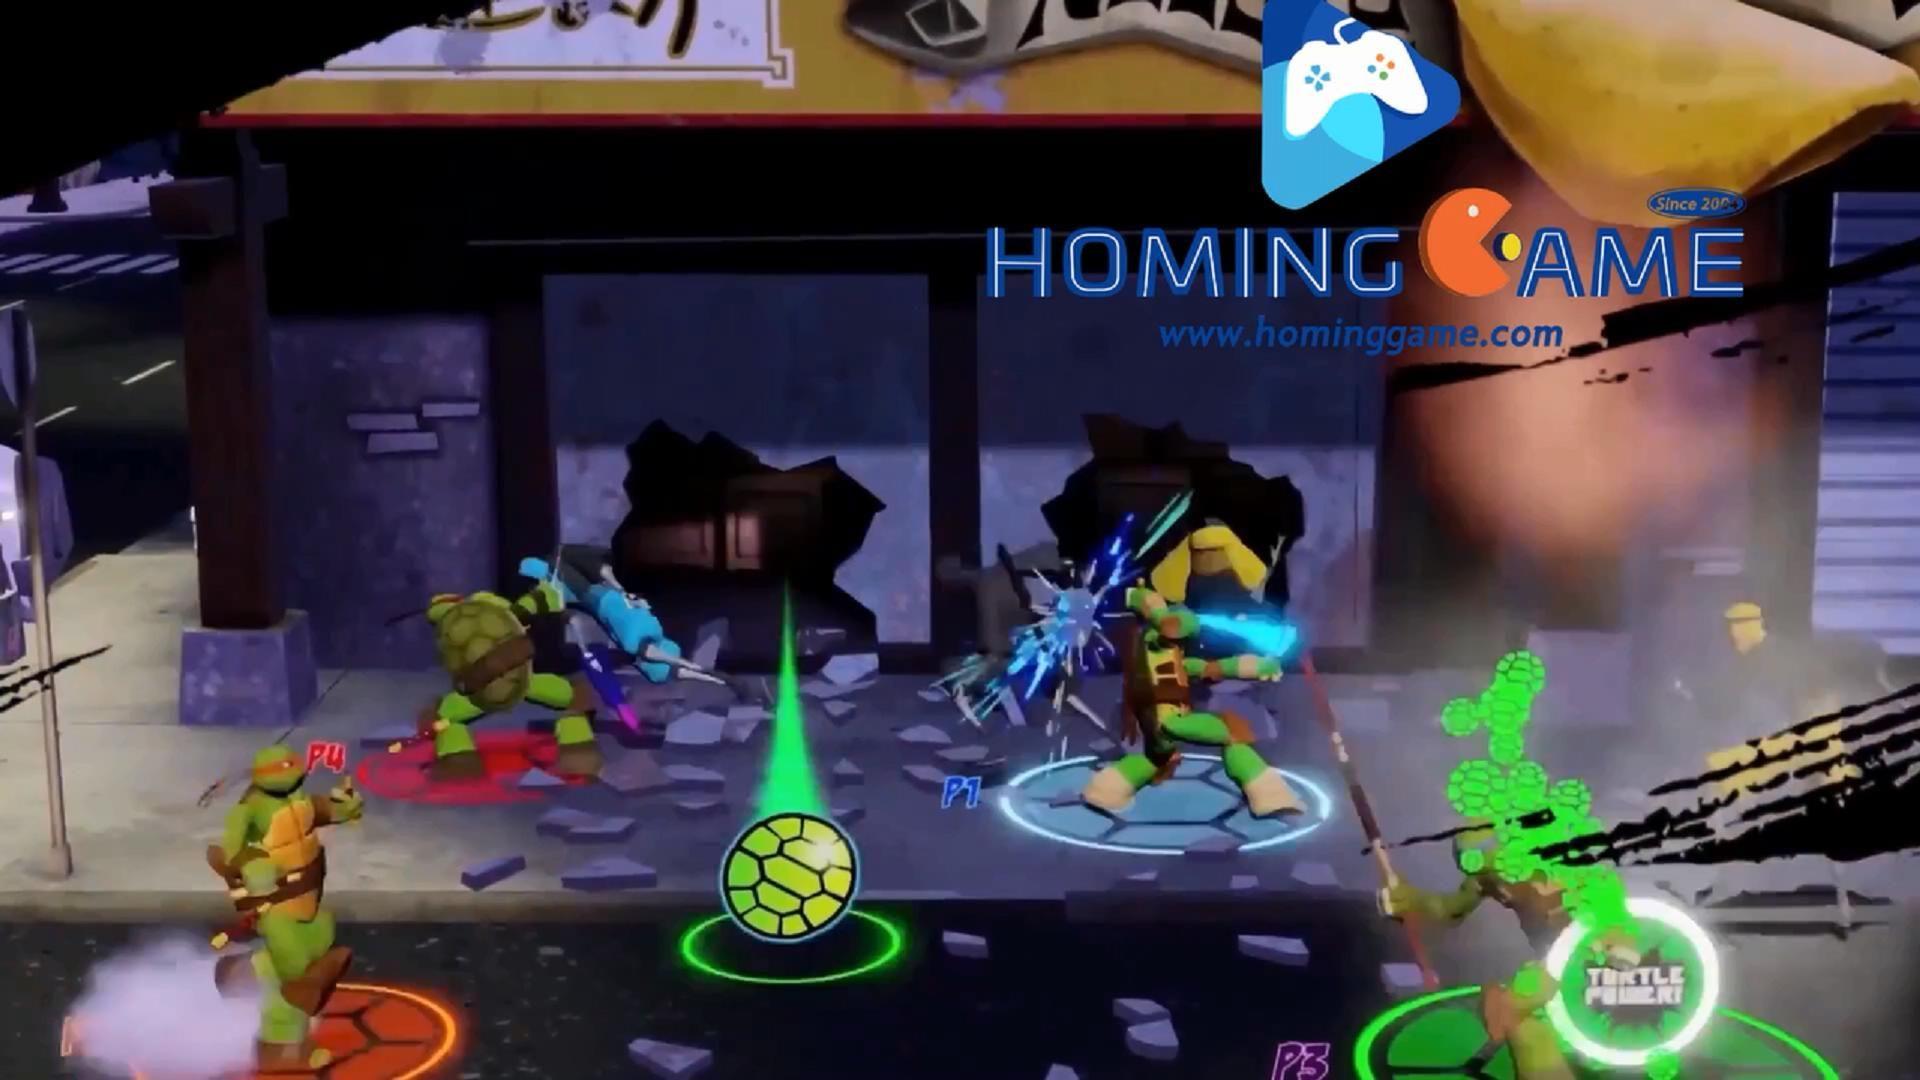 2019 New Amazing Teenage Mutant Ninja Turtles Arcade Game Machine From Hominggame Sales Homingga Arcade Game Machines Arcade Games Teenage Mutant Ninja Turtles